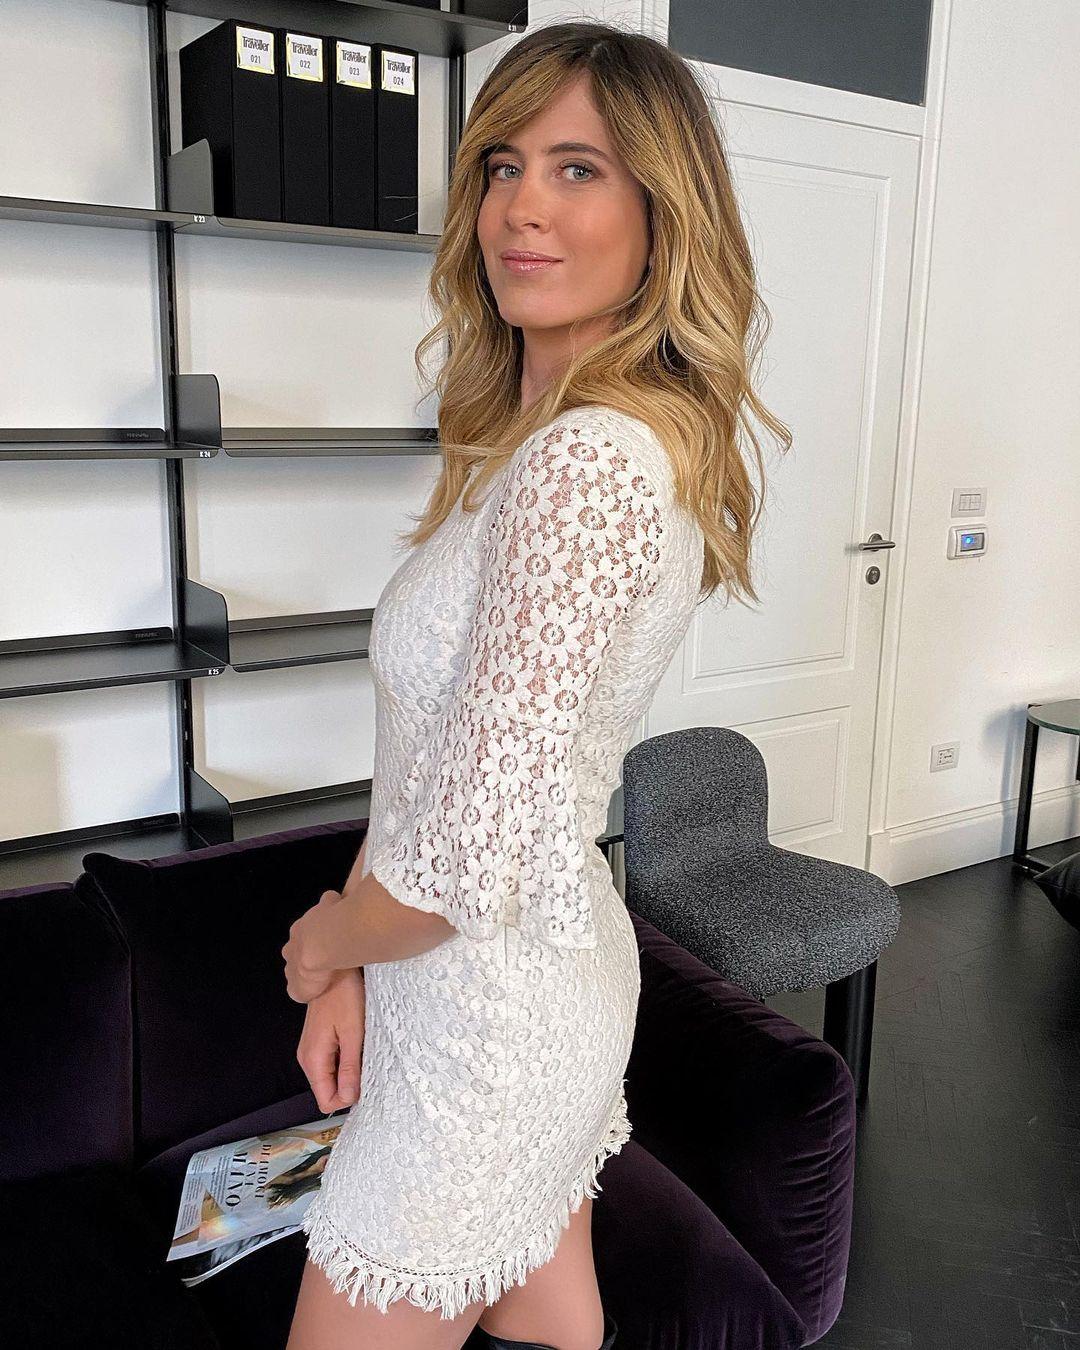 Francesca-Ferragni-Wallpapers-Insta-Fit-Bio-13